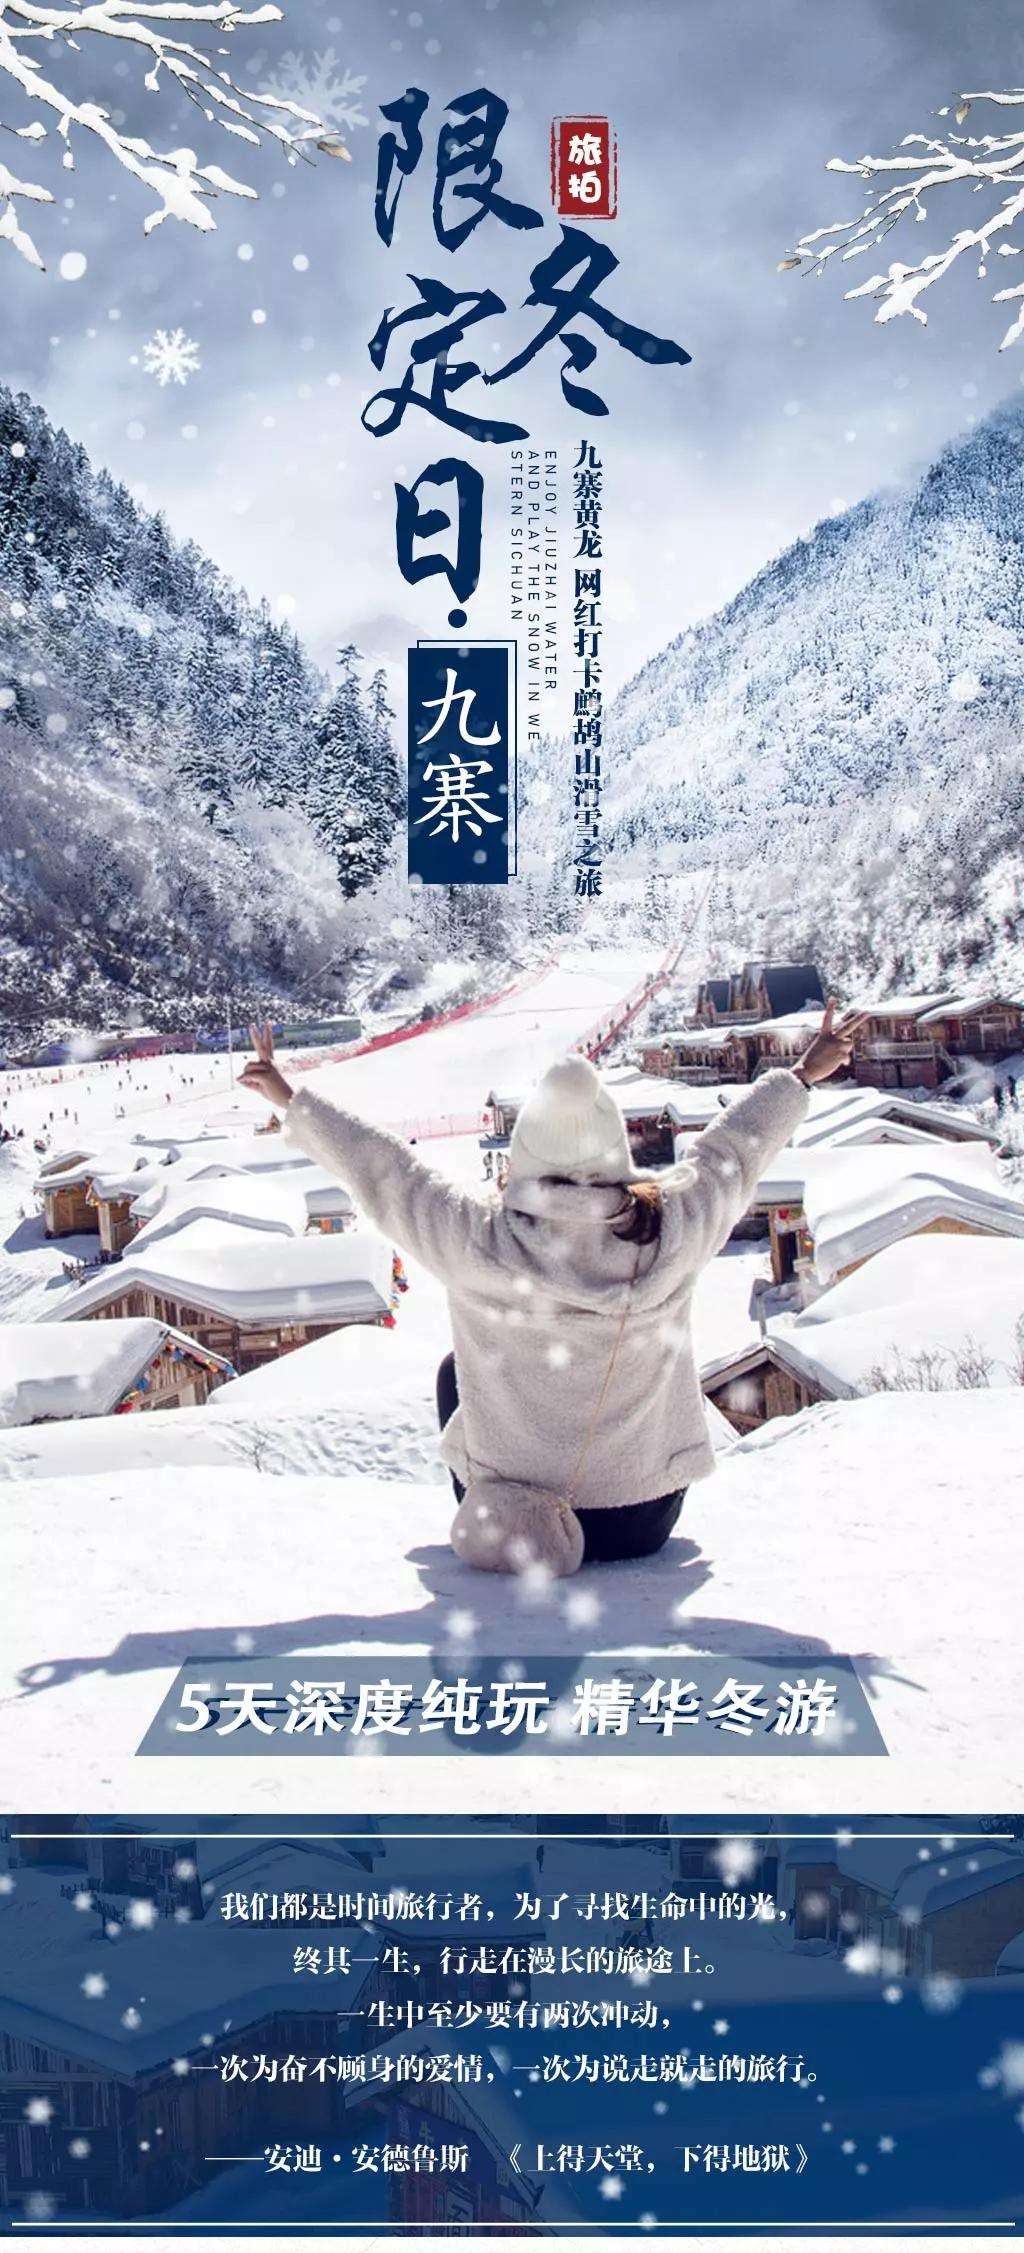 玩聚·旅拍九寨黄龙 网红打卡鹧鸪山滑雪 纯玩冬游5日